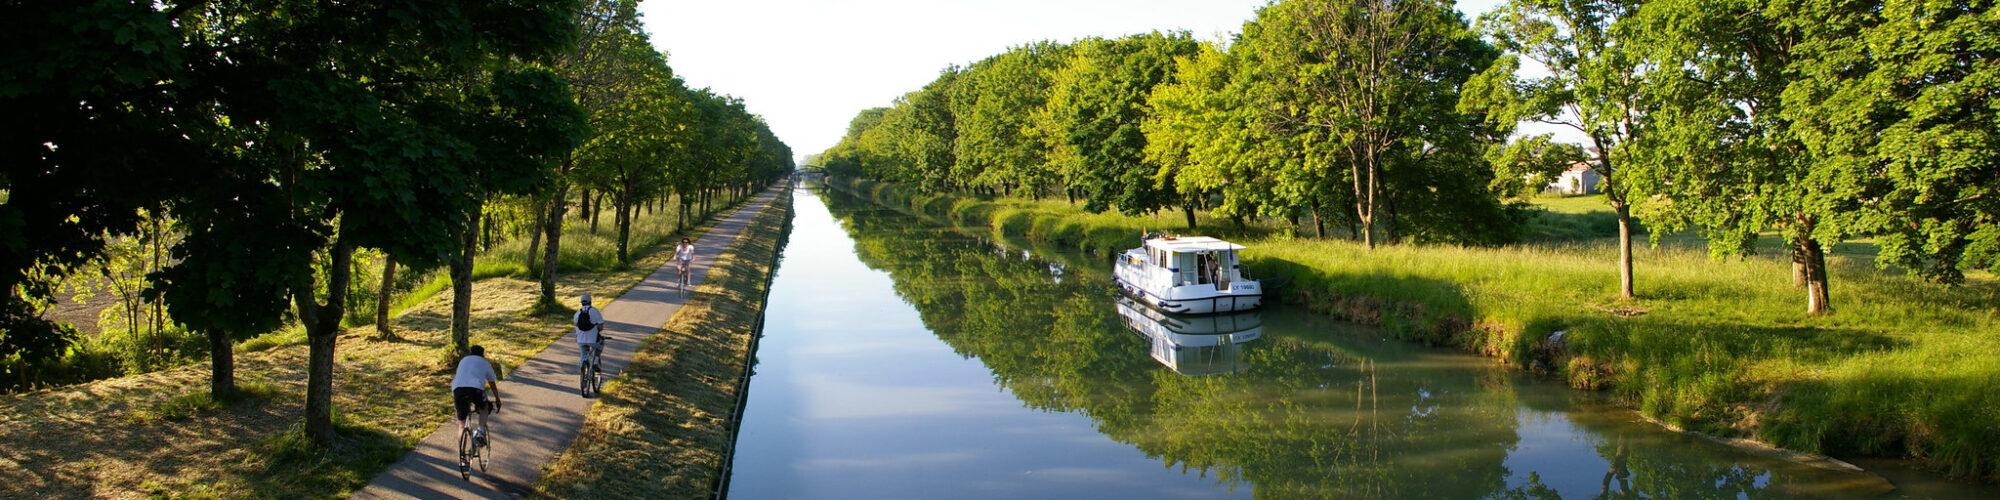 Week-end sur la Véloroute des Gorges de l'Aveyron, au cœur du Tarn et Garonne